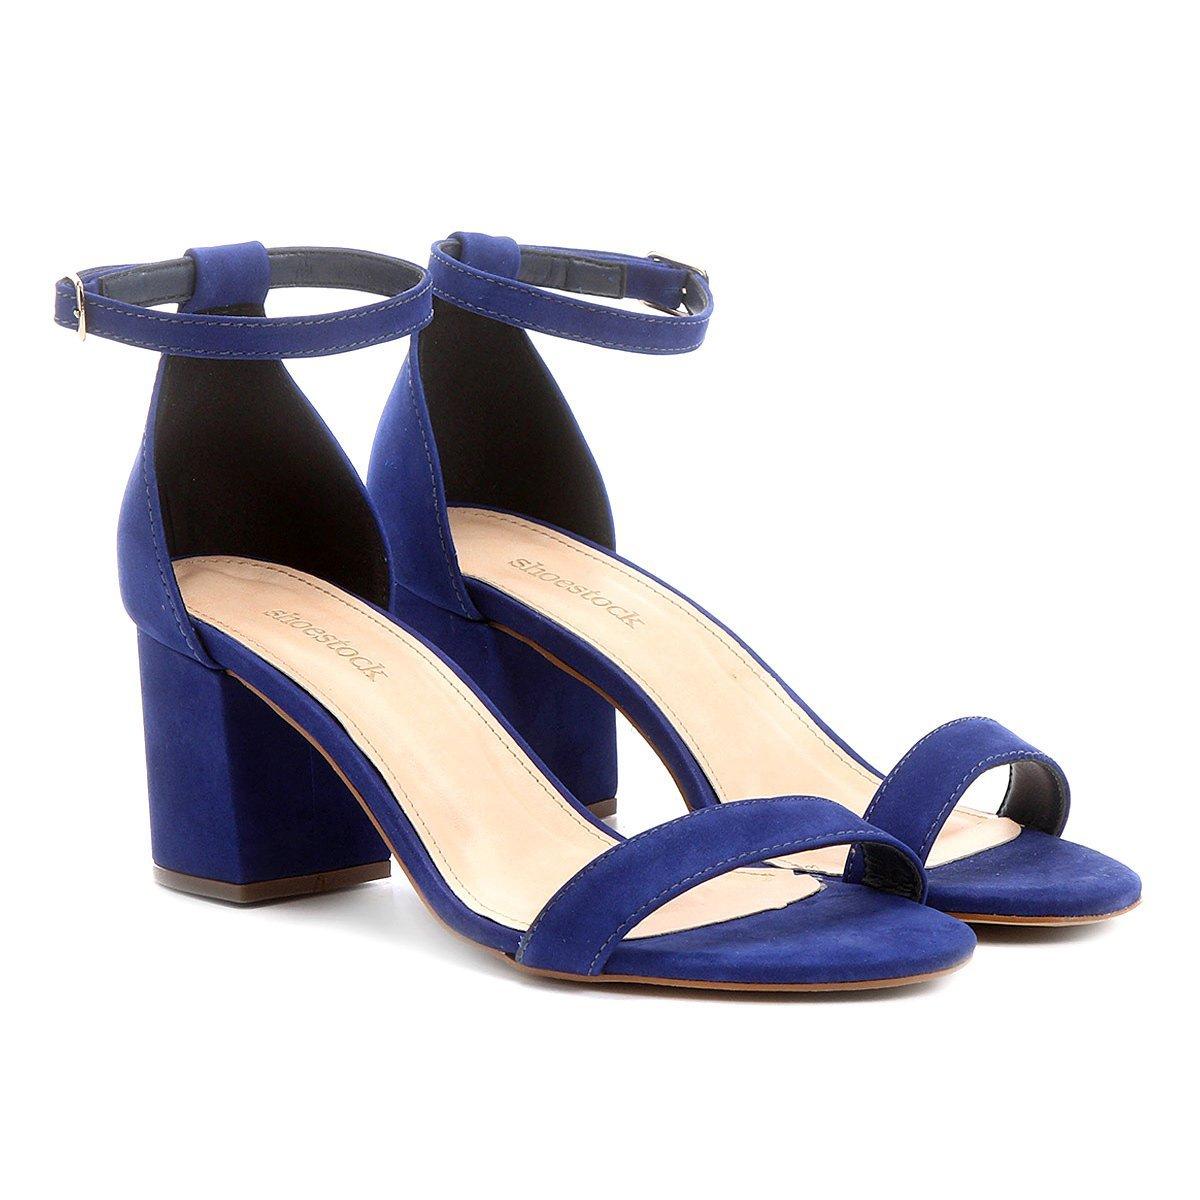 ec524cb086 Sandália Couro Shoestock Salto Grosso Feminina - Azul | Shoestock